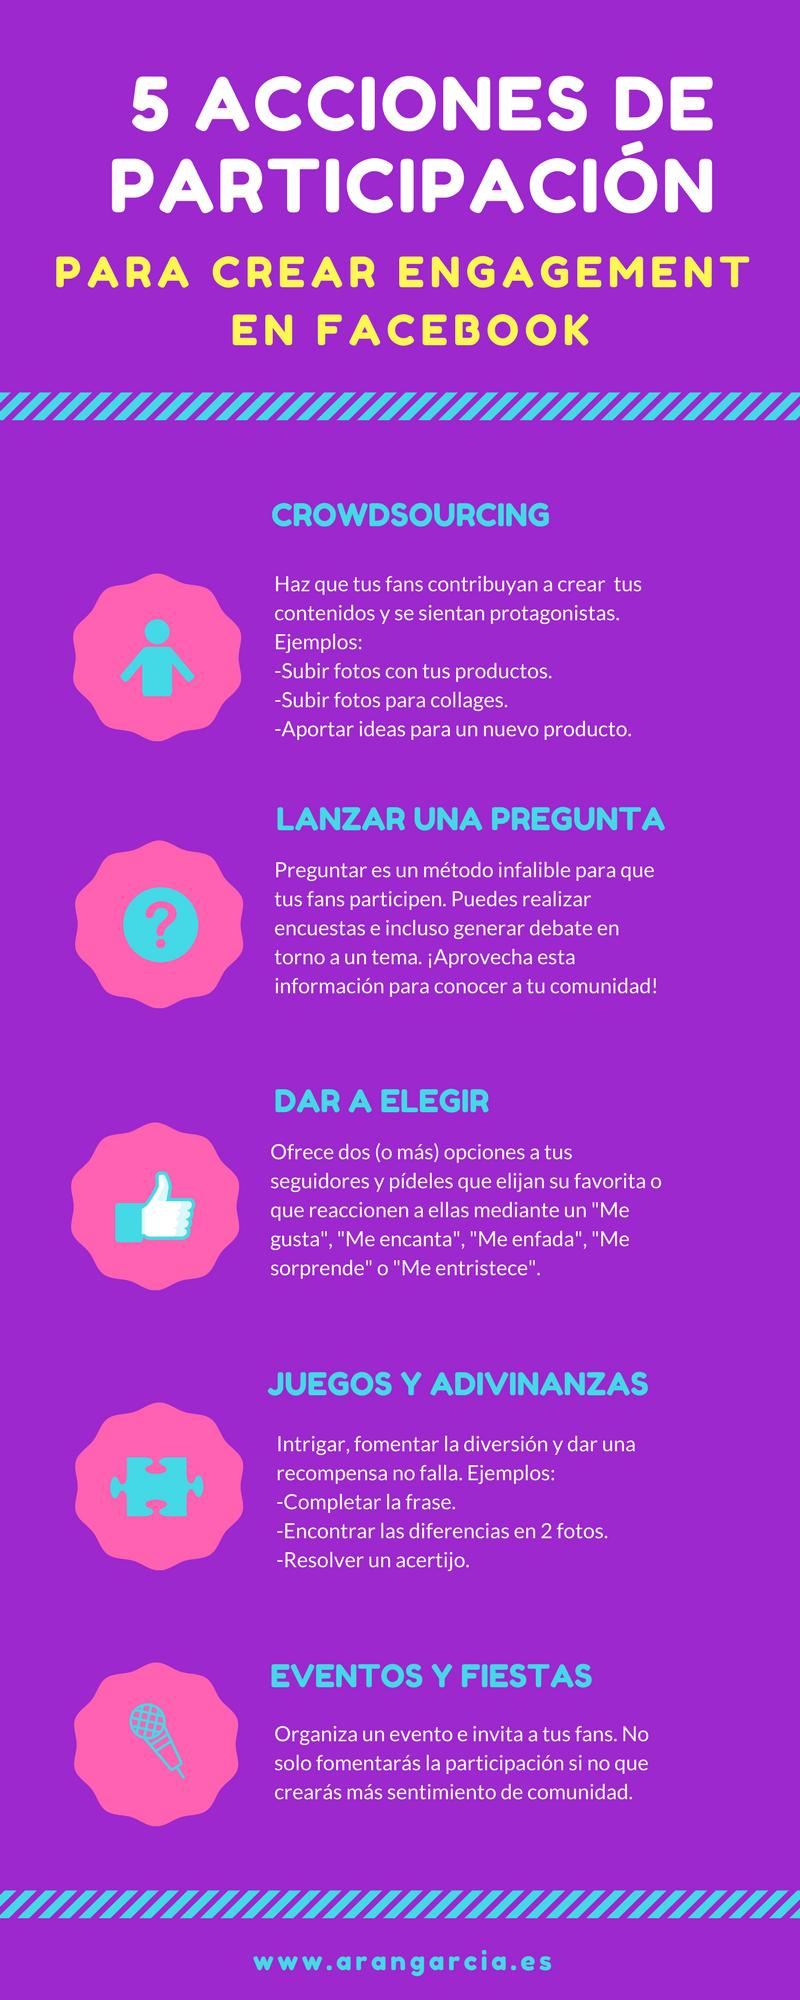 5 acciones de participación para crear engagement en Facebook #infografia #socialmedia